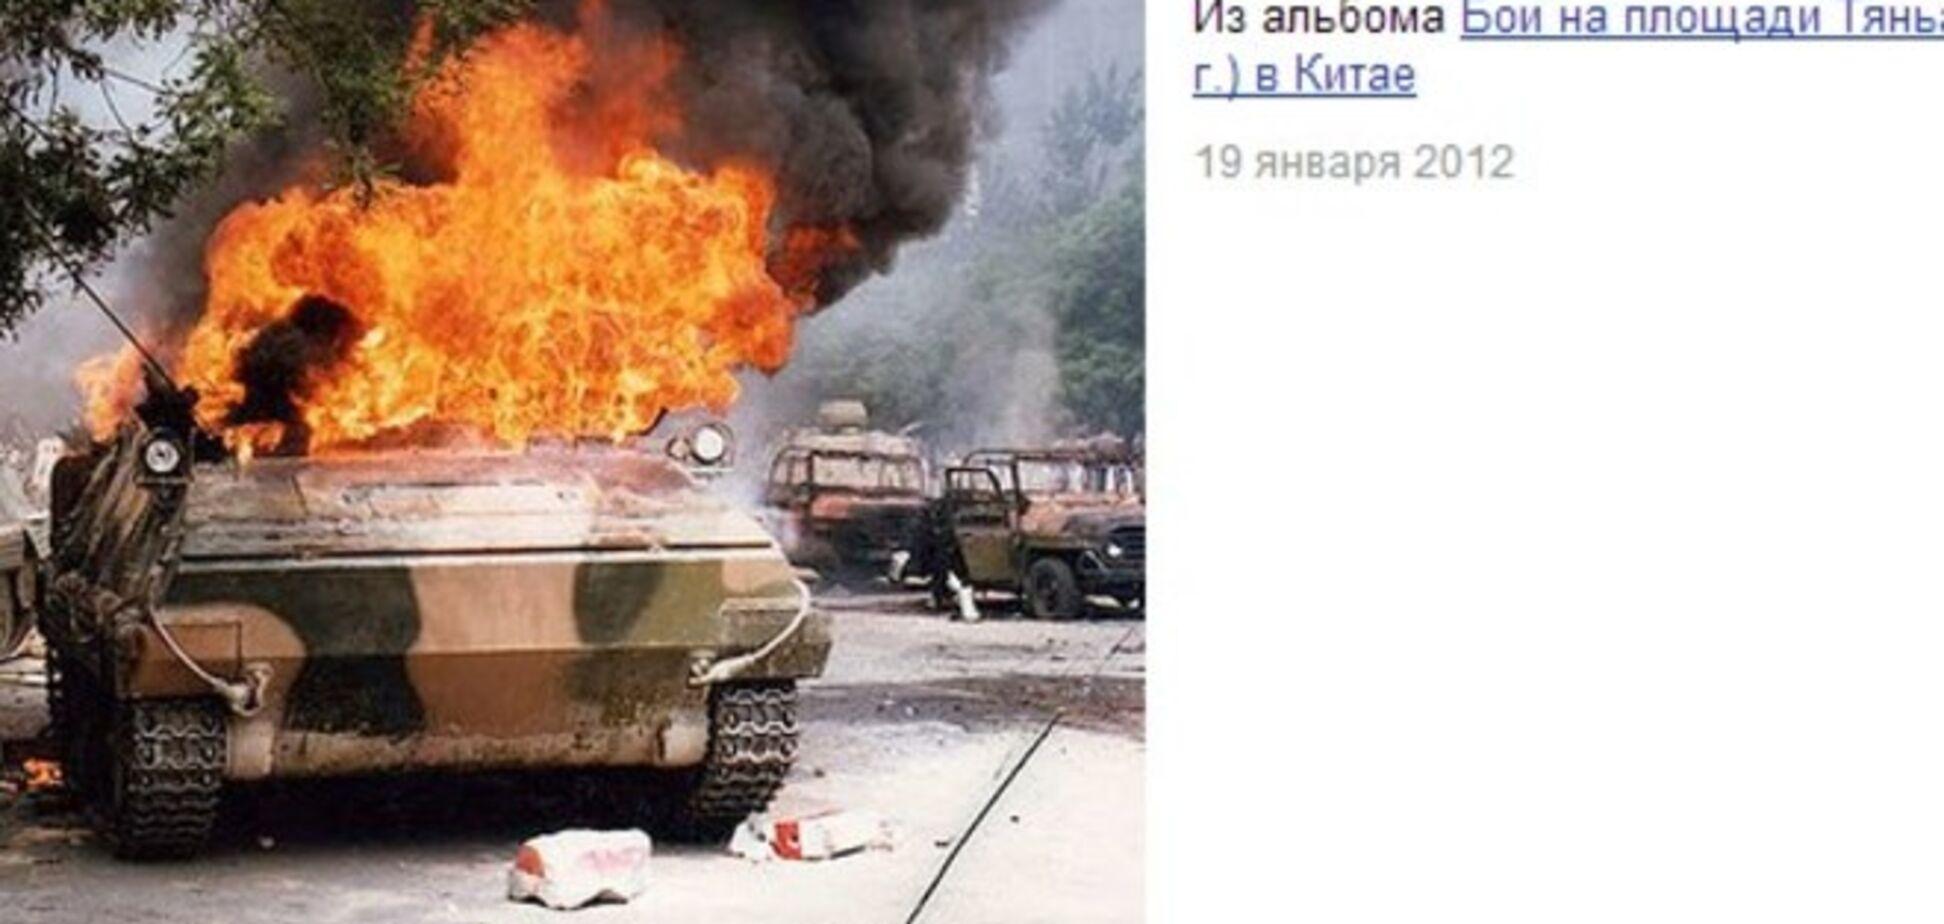 Российский террорист Гиркин в соцсети выдает горящий китайский БТР за украинский на Донбассе. Фотофакт